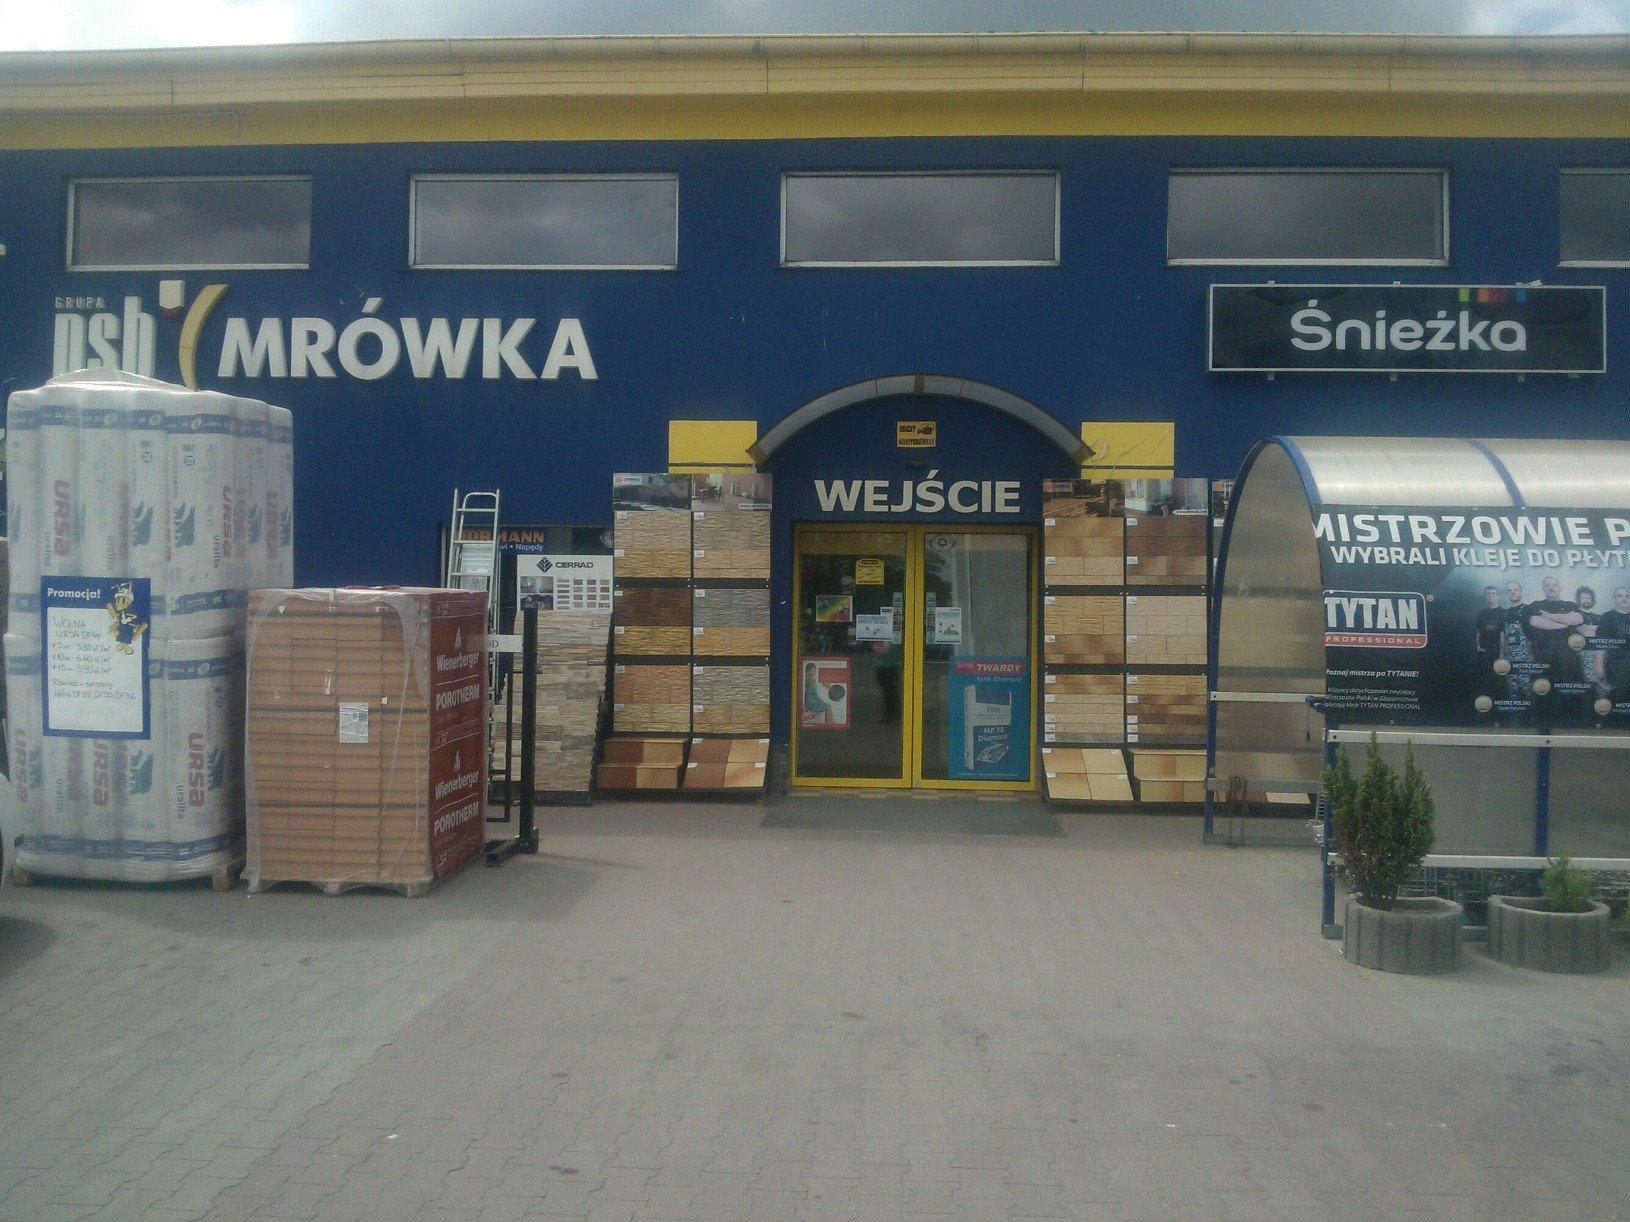 Nowoczesna architektura PSB Mrówka Lubań - dolnośląskie LM55